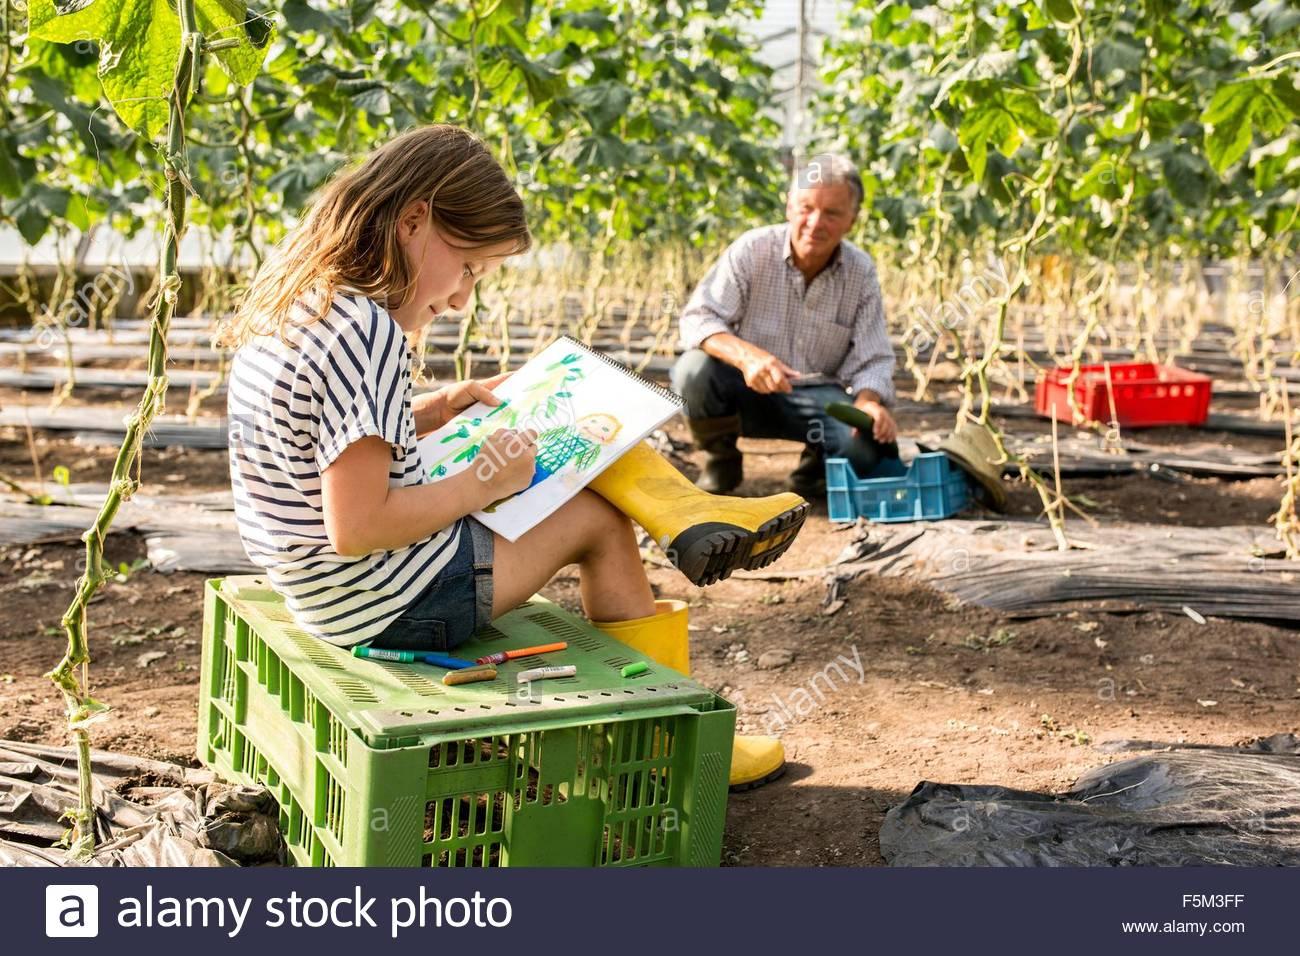 Caja chica sentada en dibujo mientras abuelo funciona Imagen De Stock